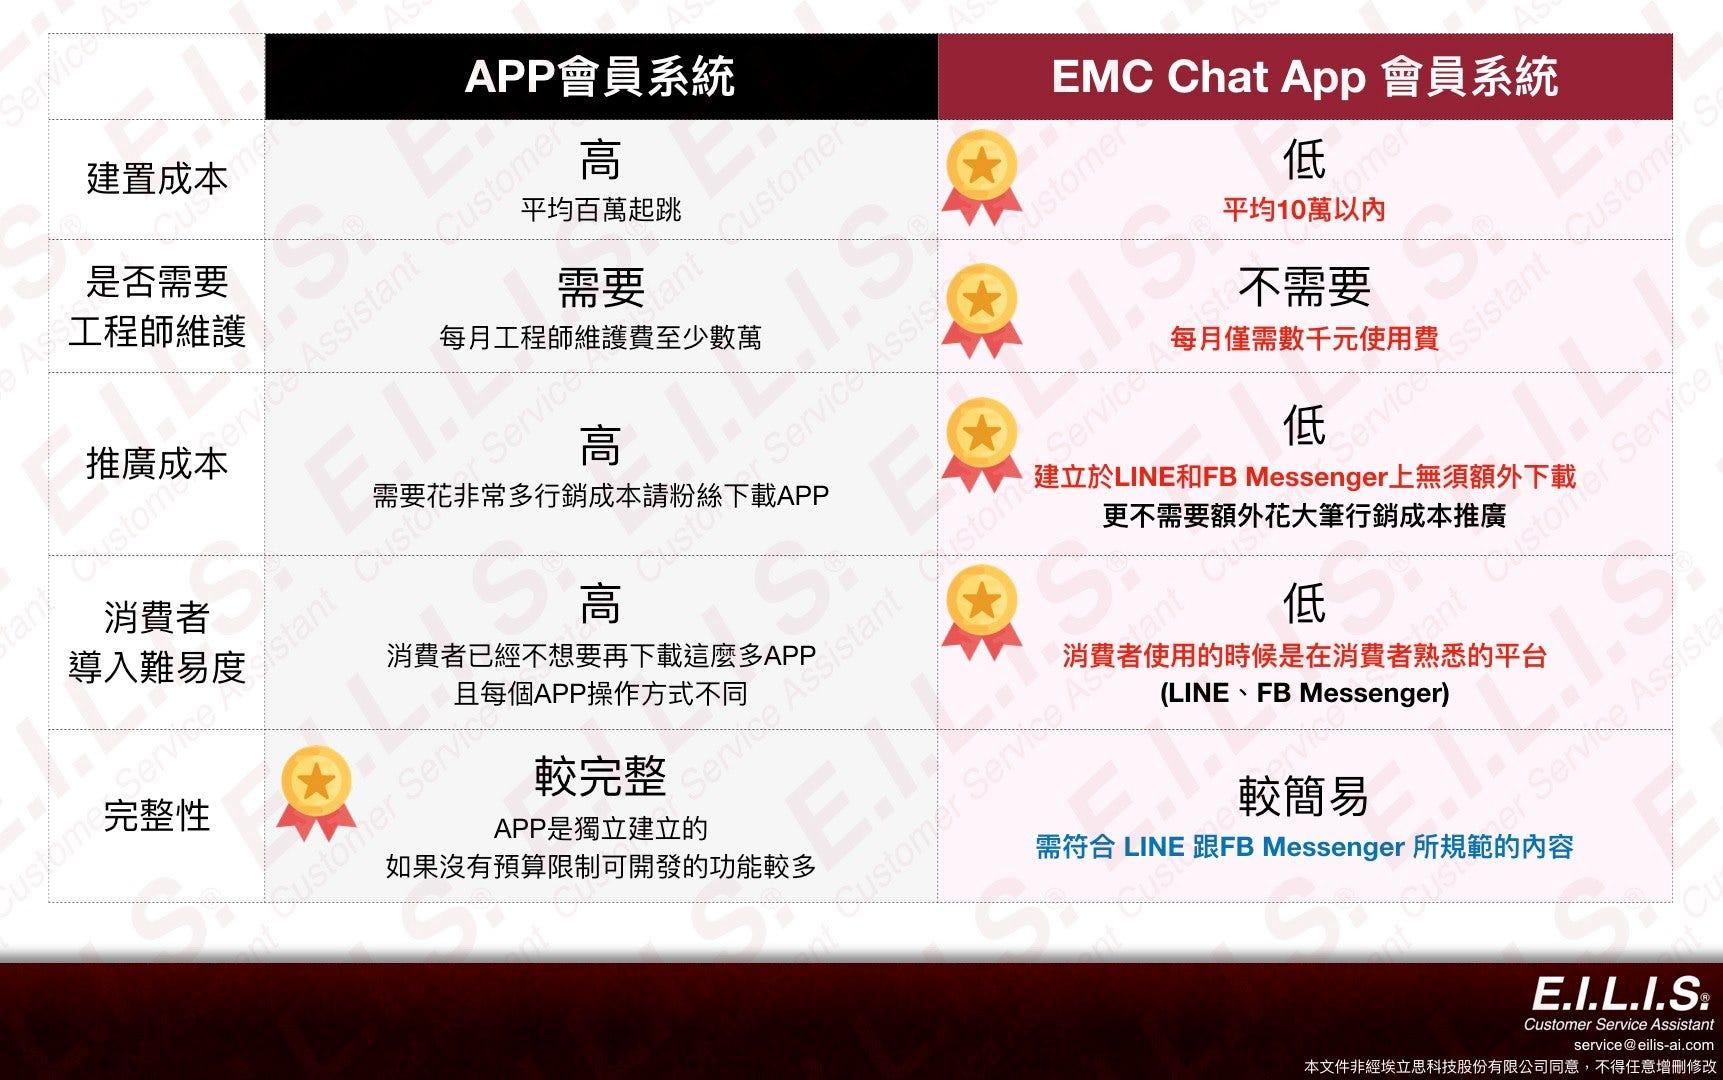 企業導入網路會員經營選擇分析— Chat-APP網路會員 VS 傳統APP會員